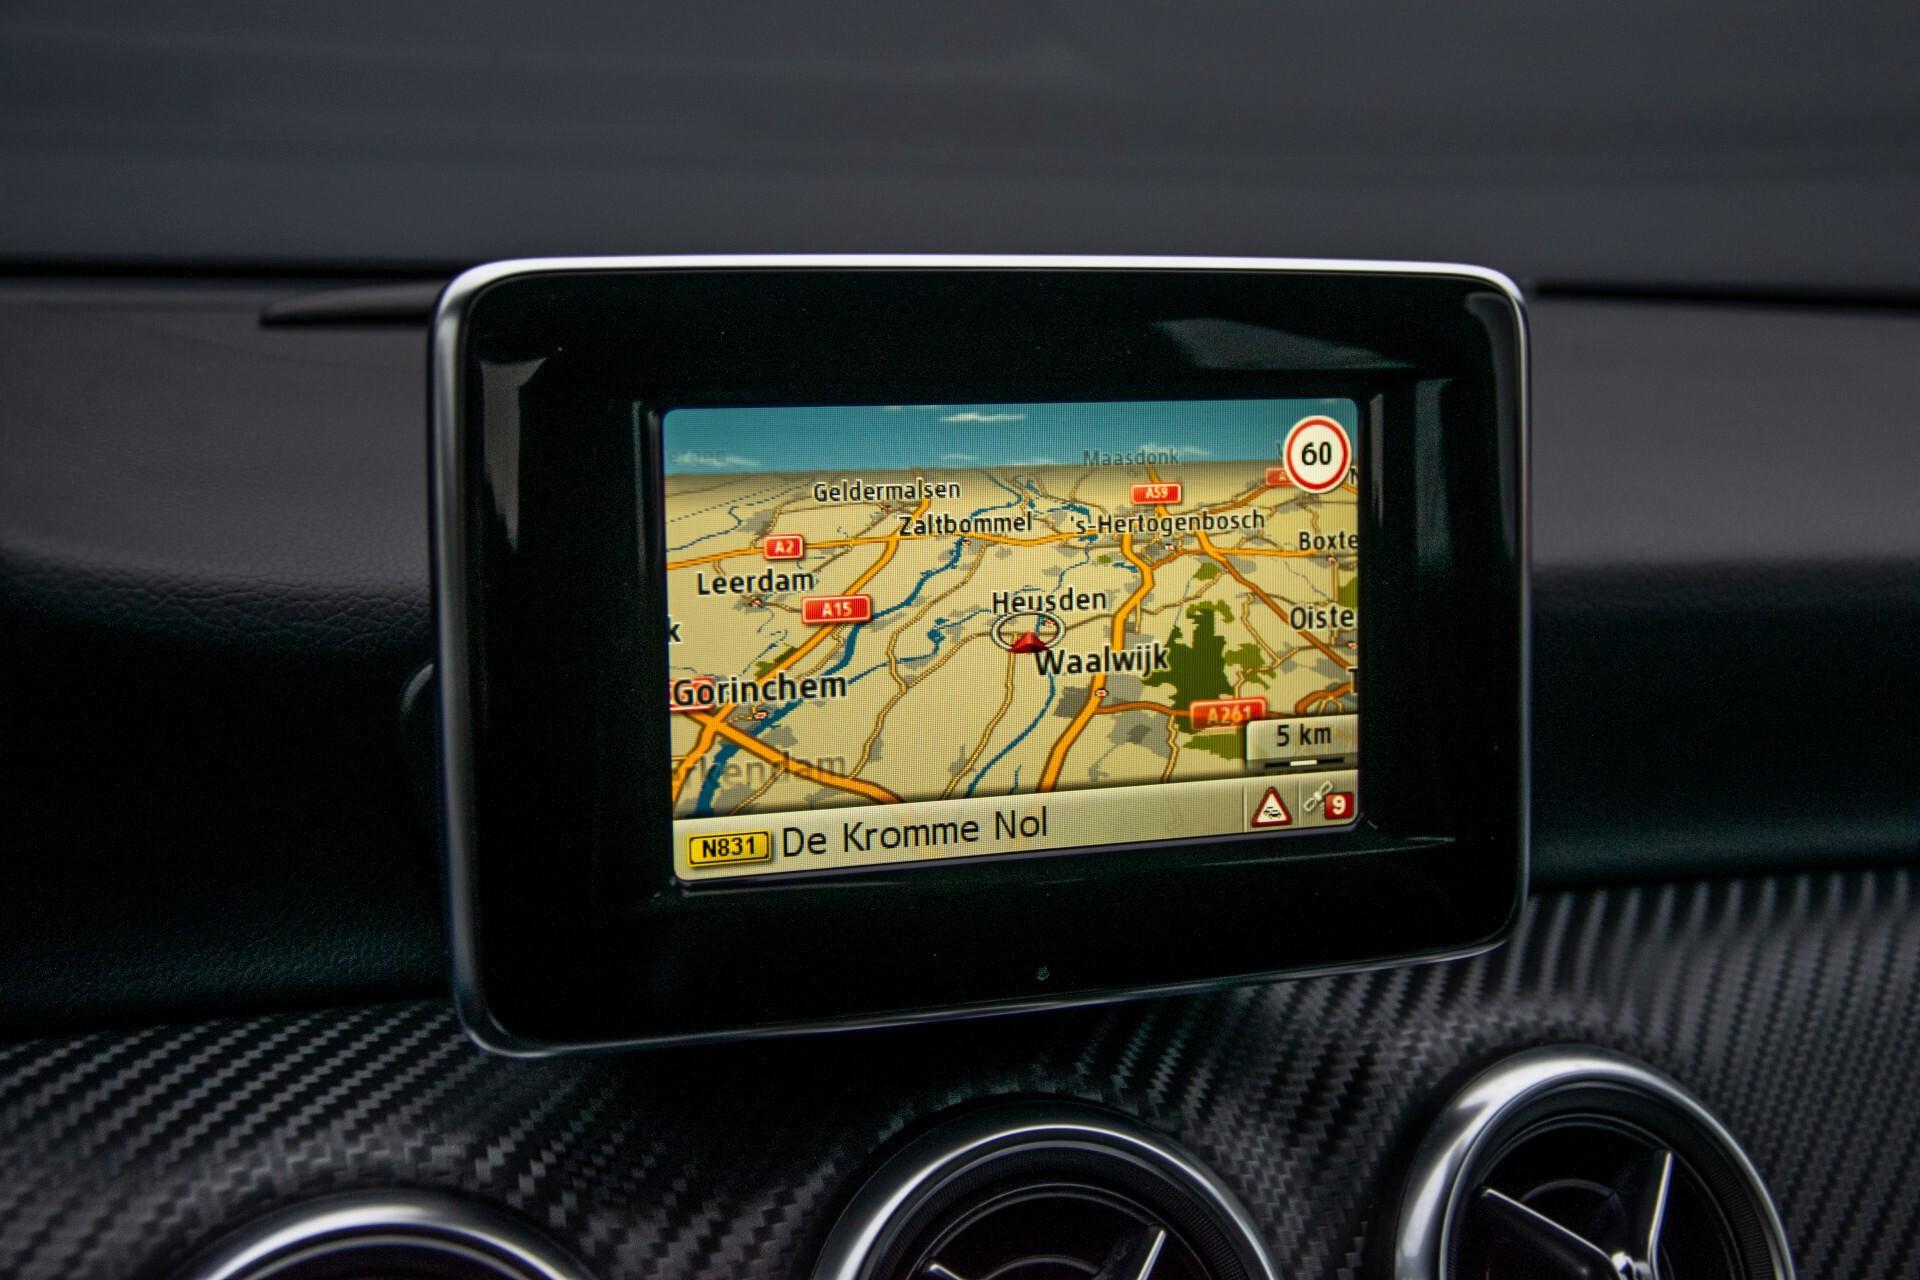 Mercedes-Benz A-Klasse 180 AMG Dynamic Handling/Camera/Xenon/Navi/Privacy Aut7 Foto 19